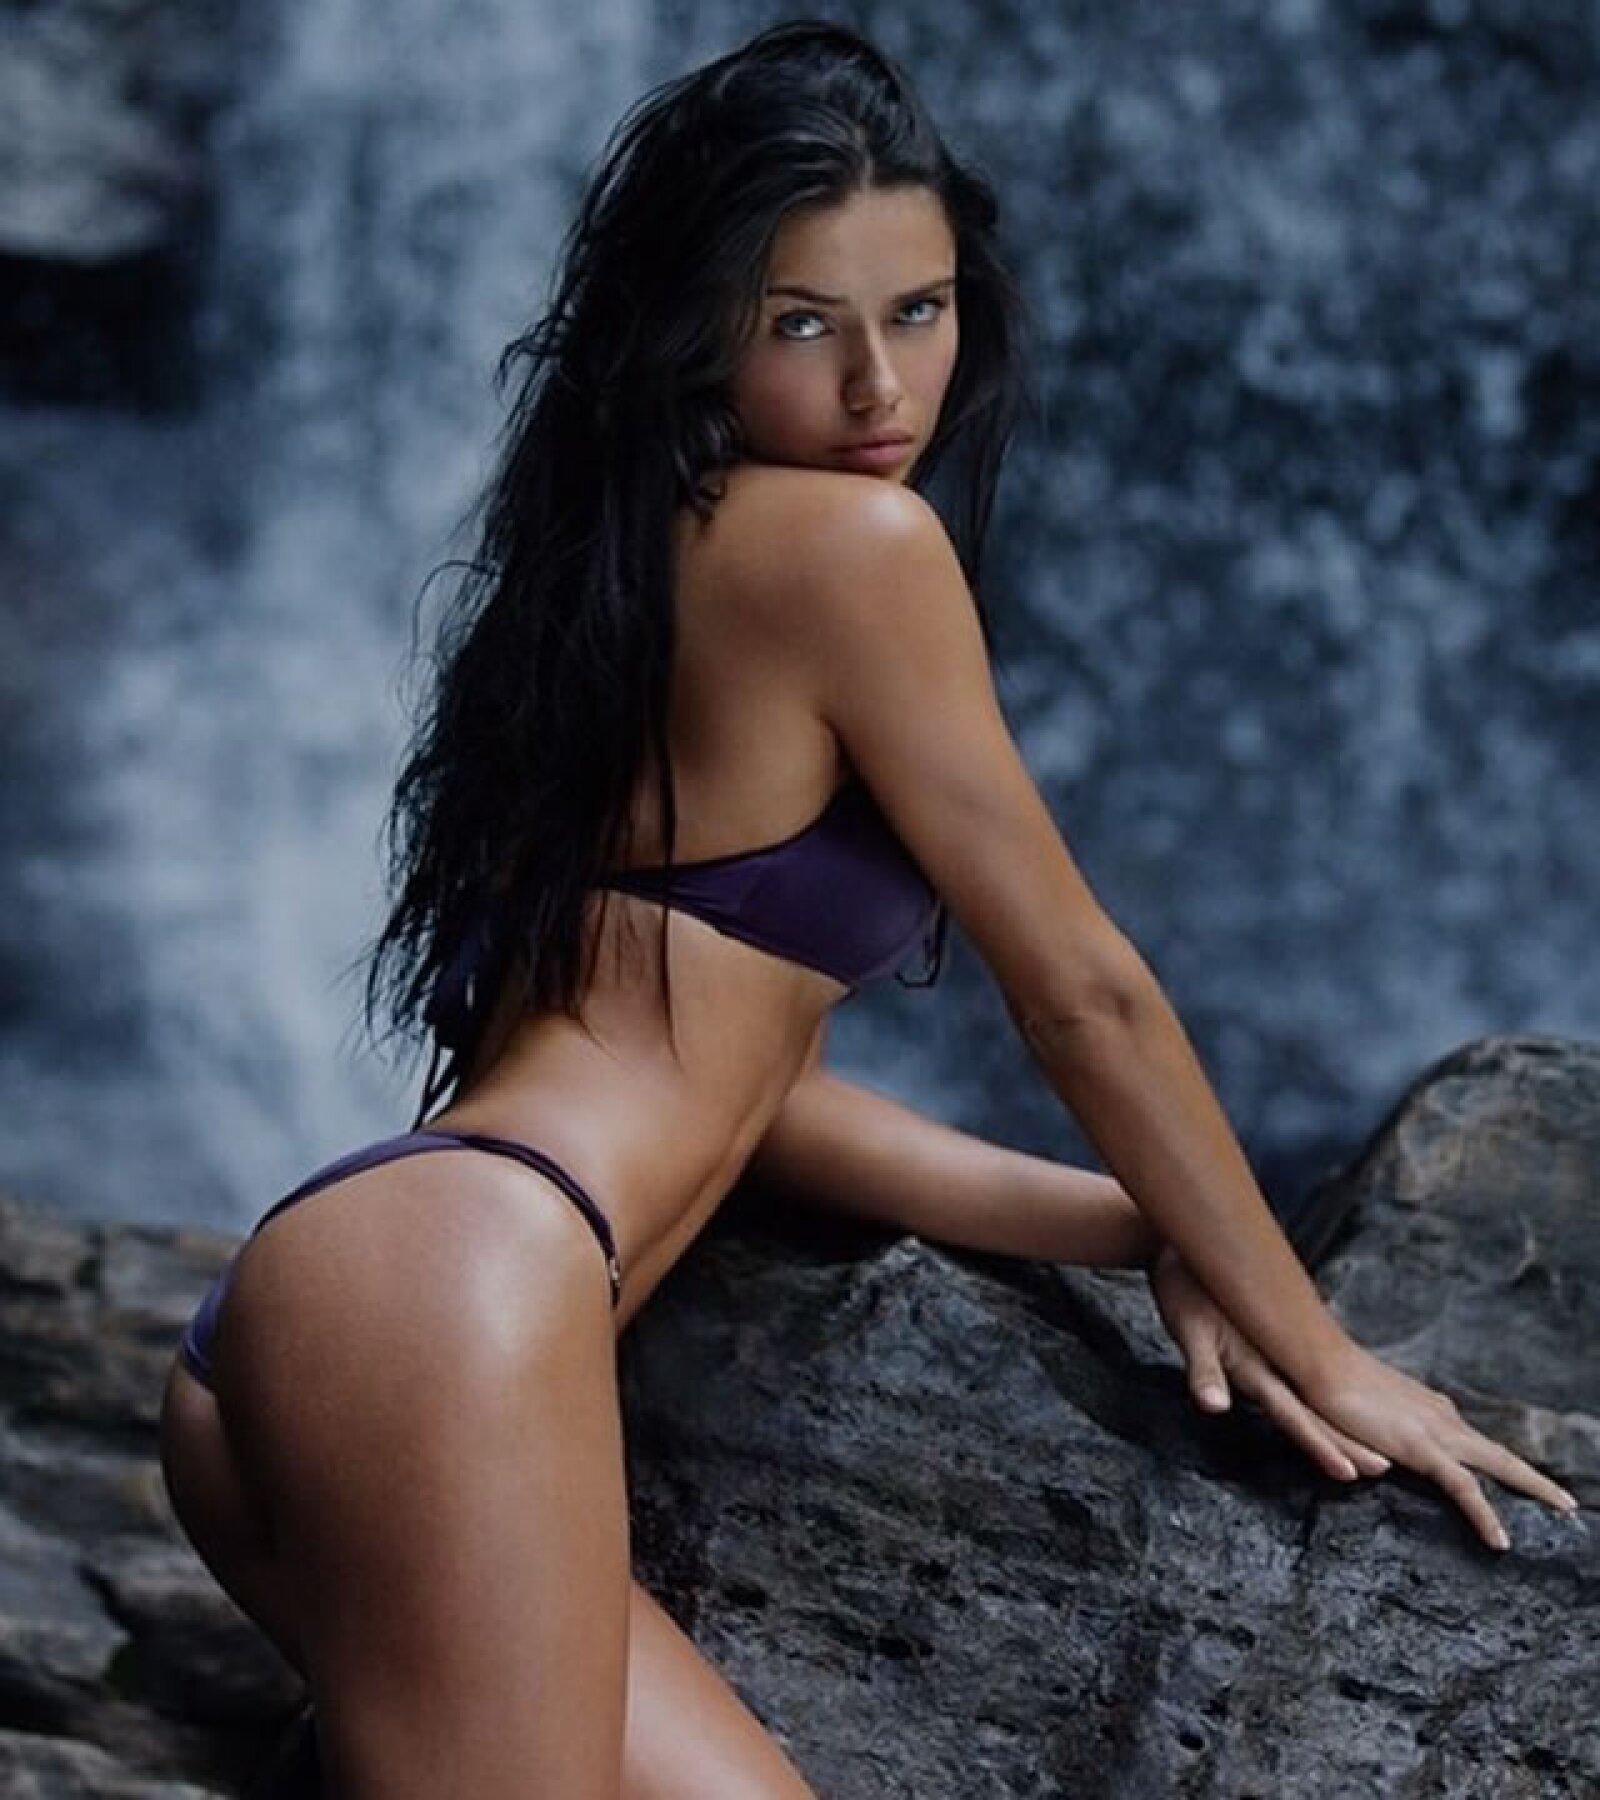 La modelo no perdió tiempo en compartir sus fotos en las redes sociales de dicho especial.